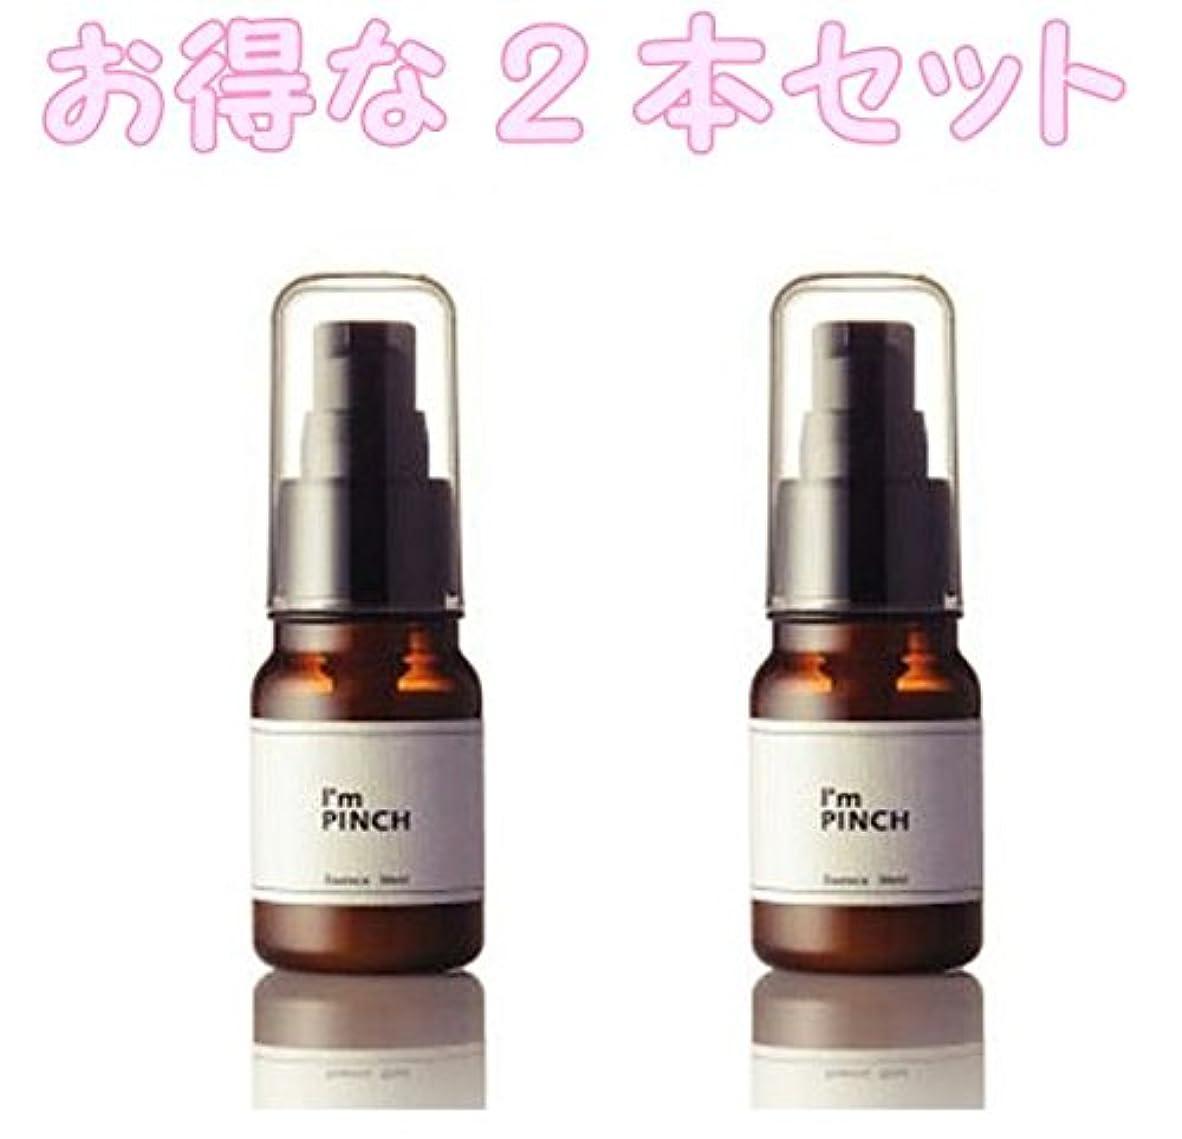 肥沃な疎外する分類【2本セット】 乾燥からお肌を救う美容液 I'm PINCH(アイムピンチ)10ml